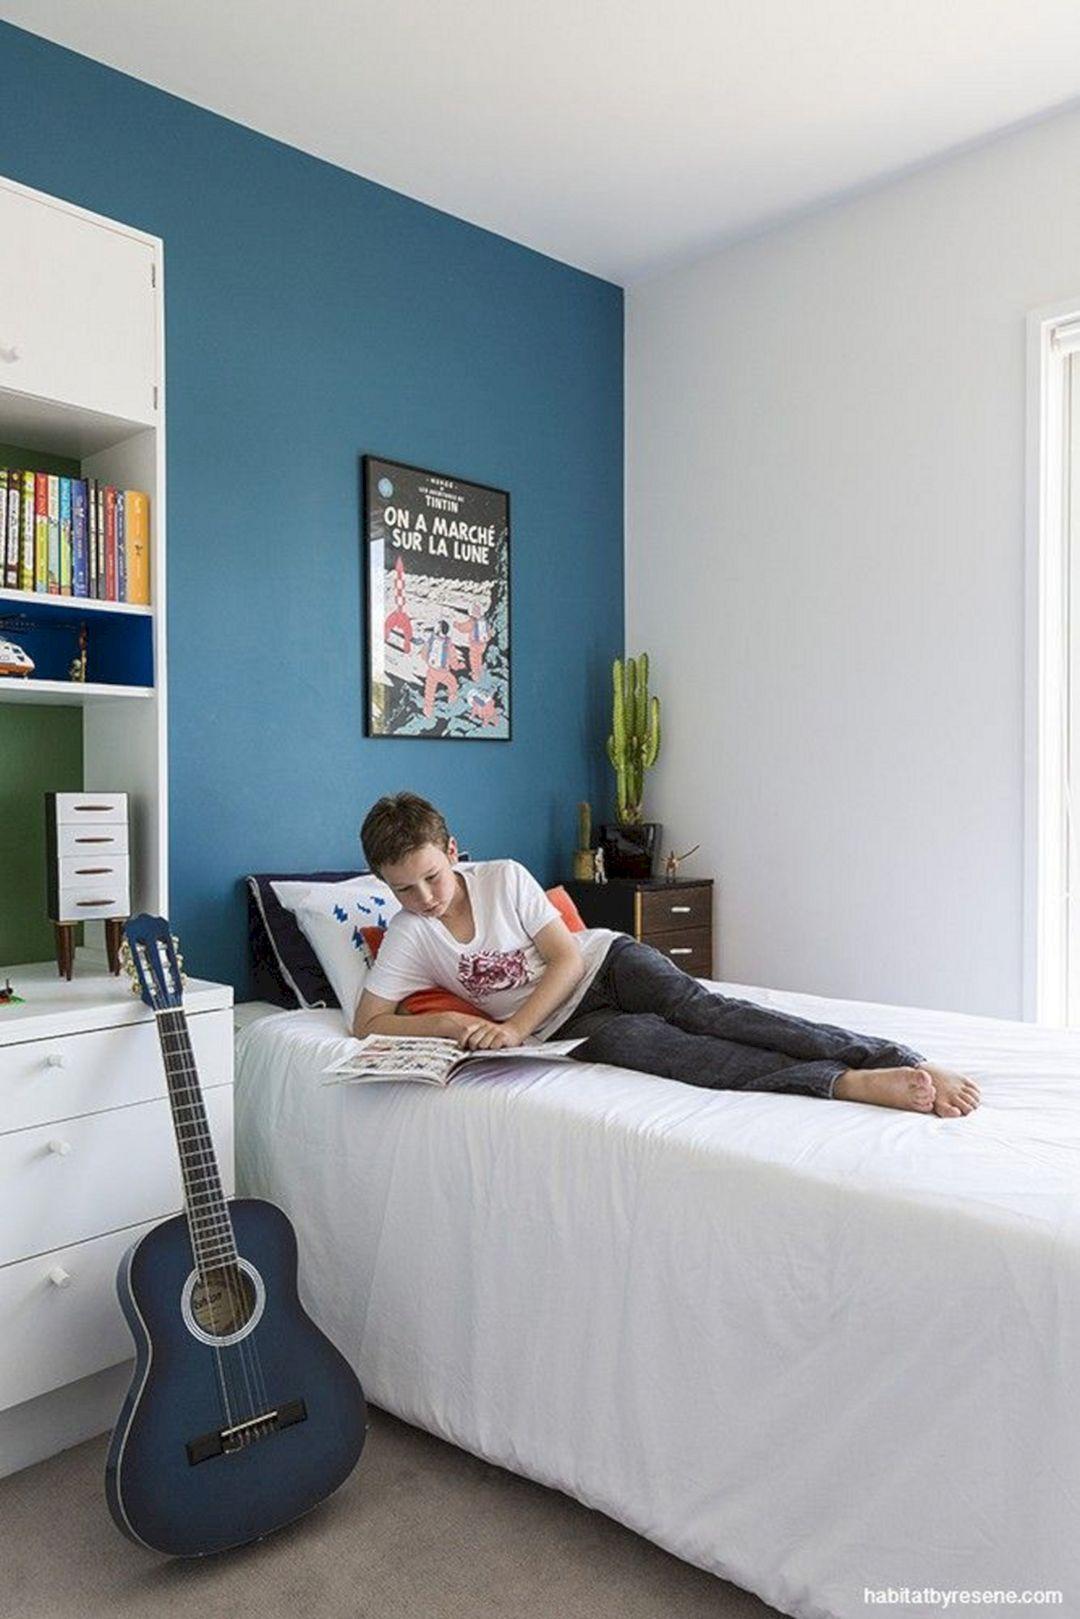 24 Best Bedroom Wall Decor Ideas for Your Boys | Boys room blue